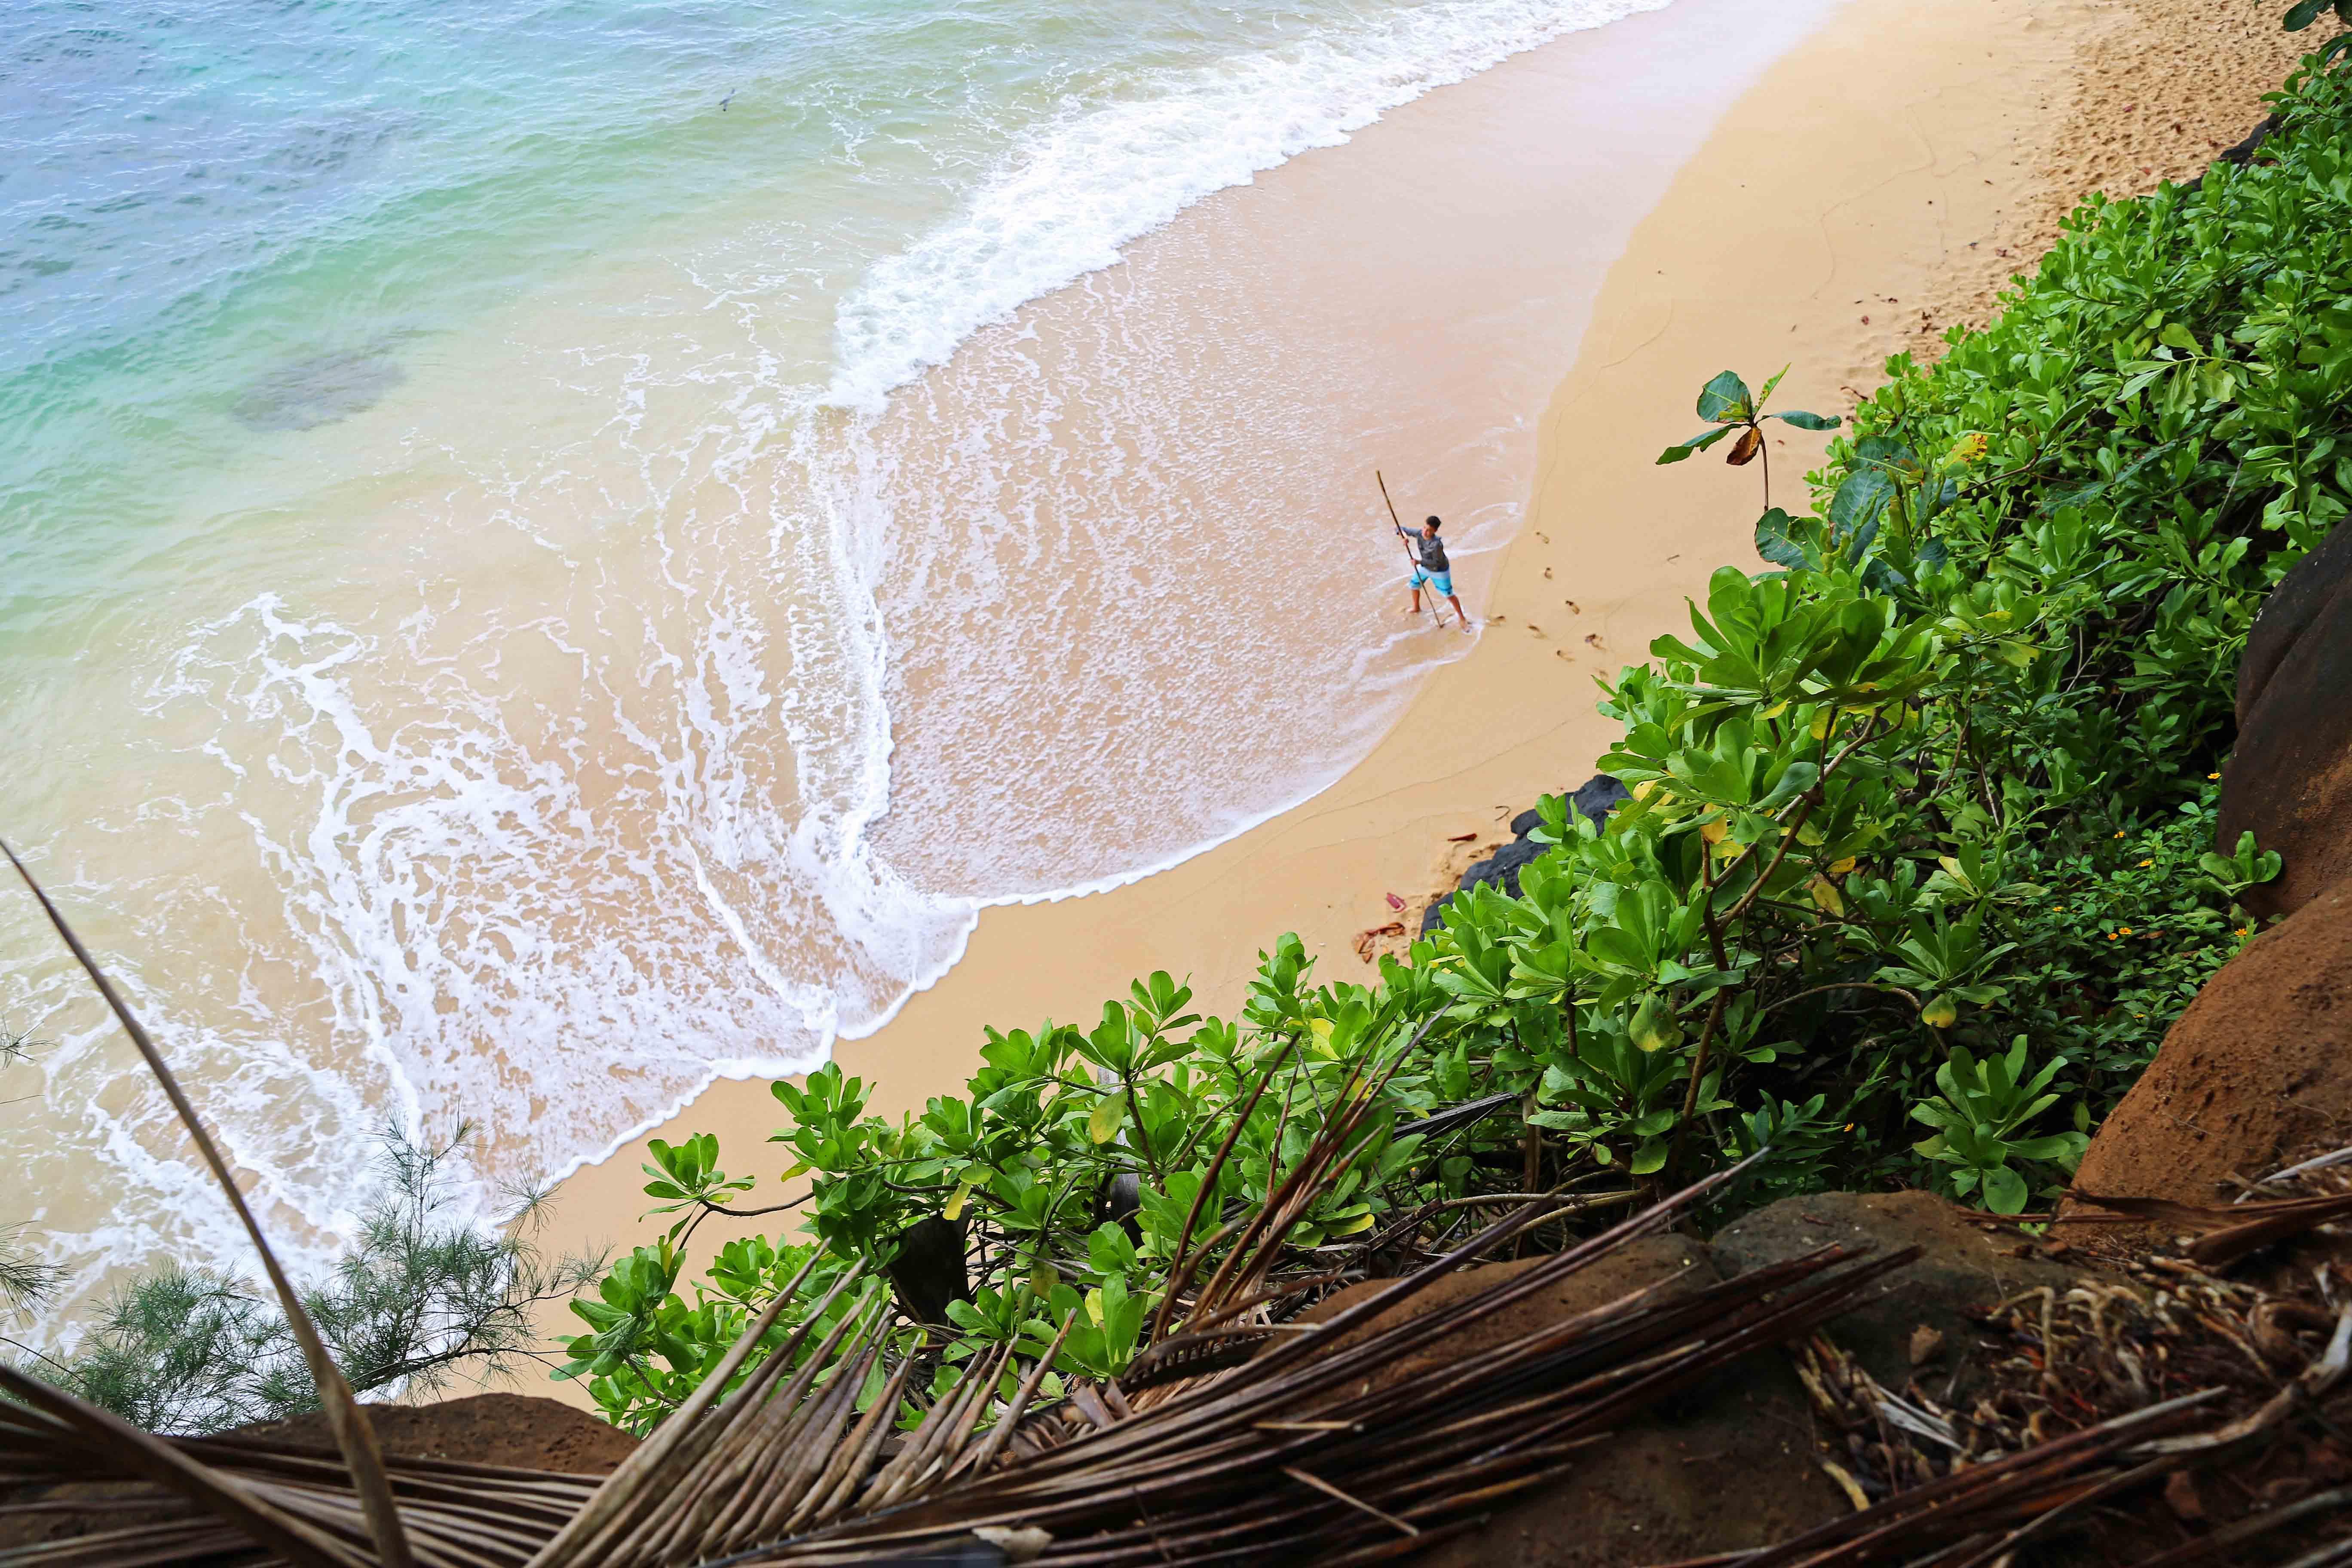 Kauai Hawaii Travel Guide. Hideaway Beach Kauai Hawaii